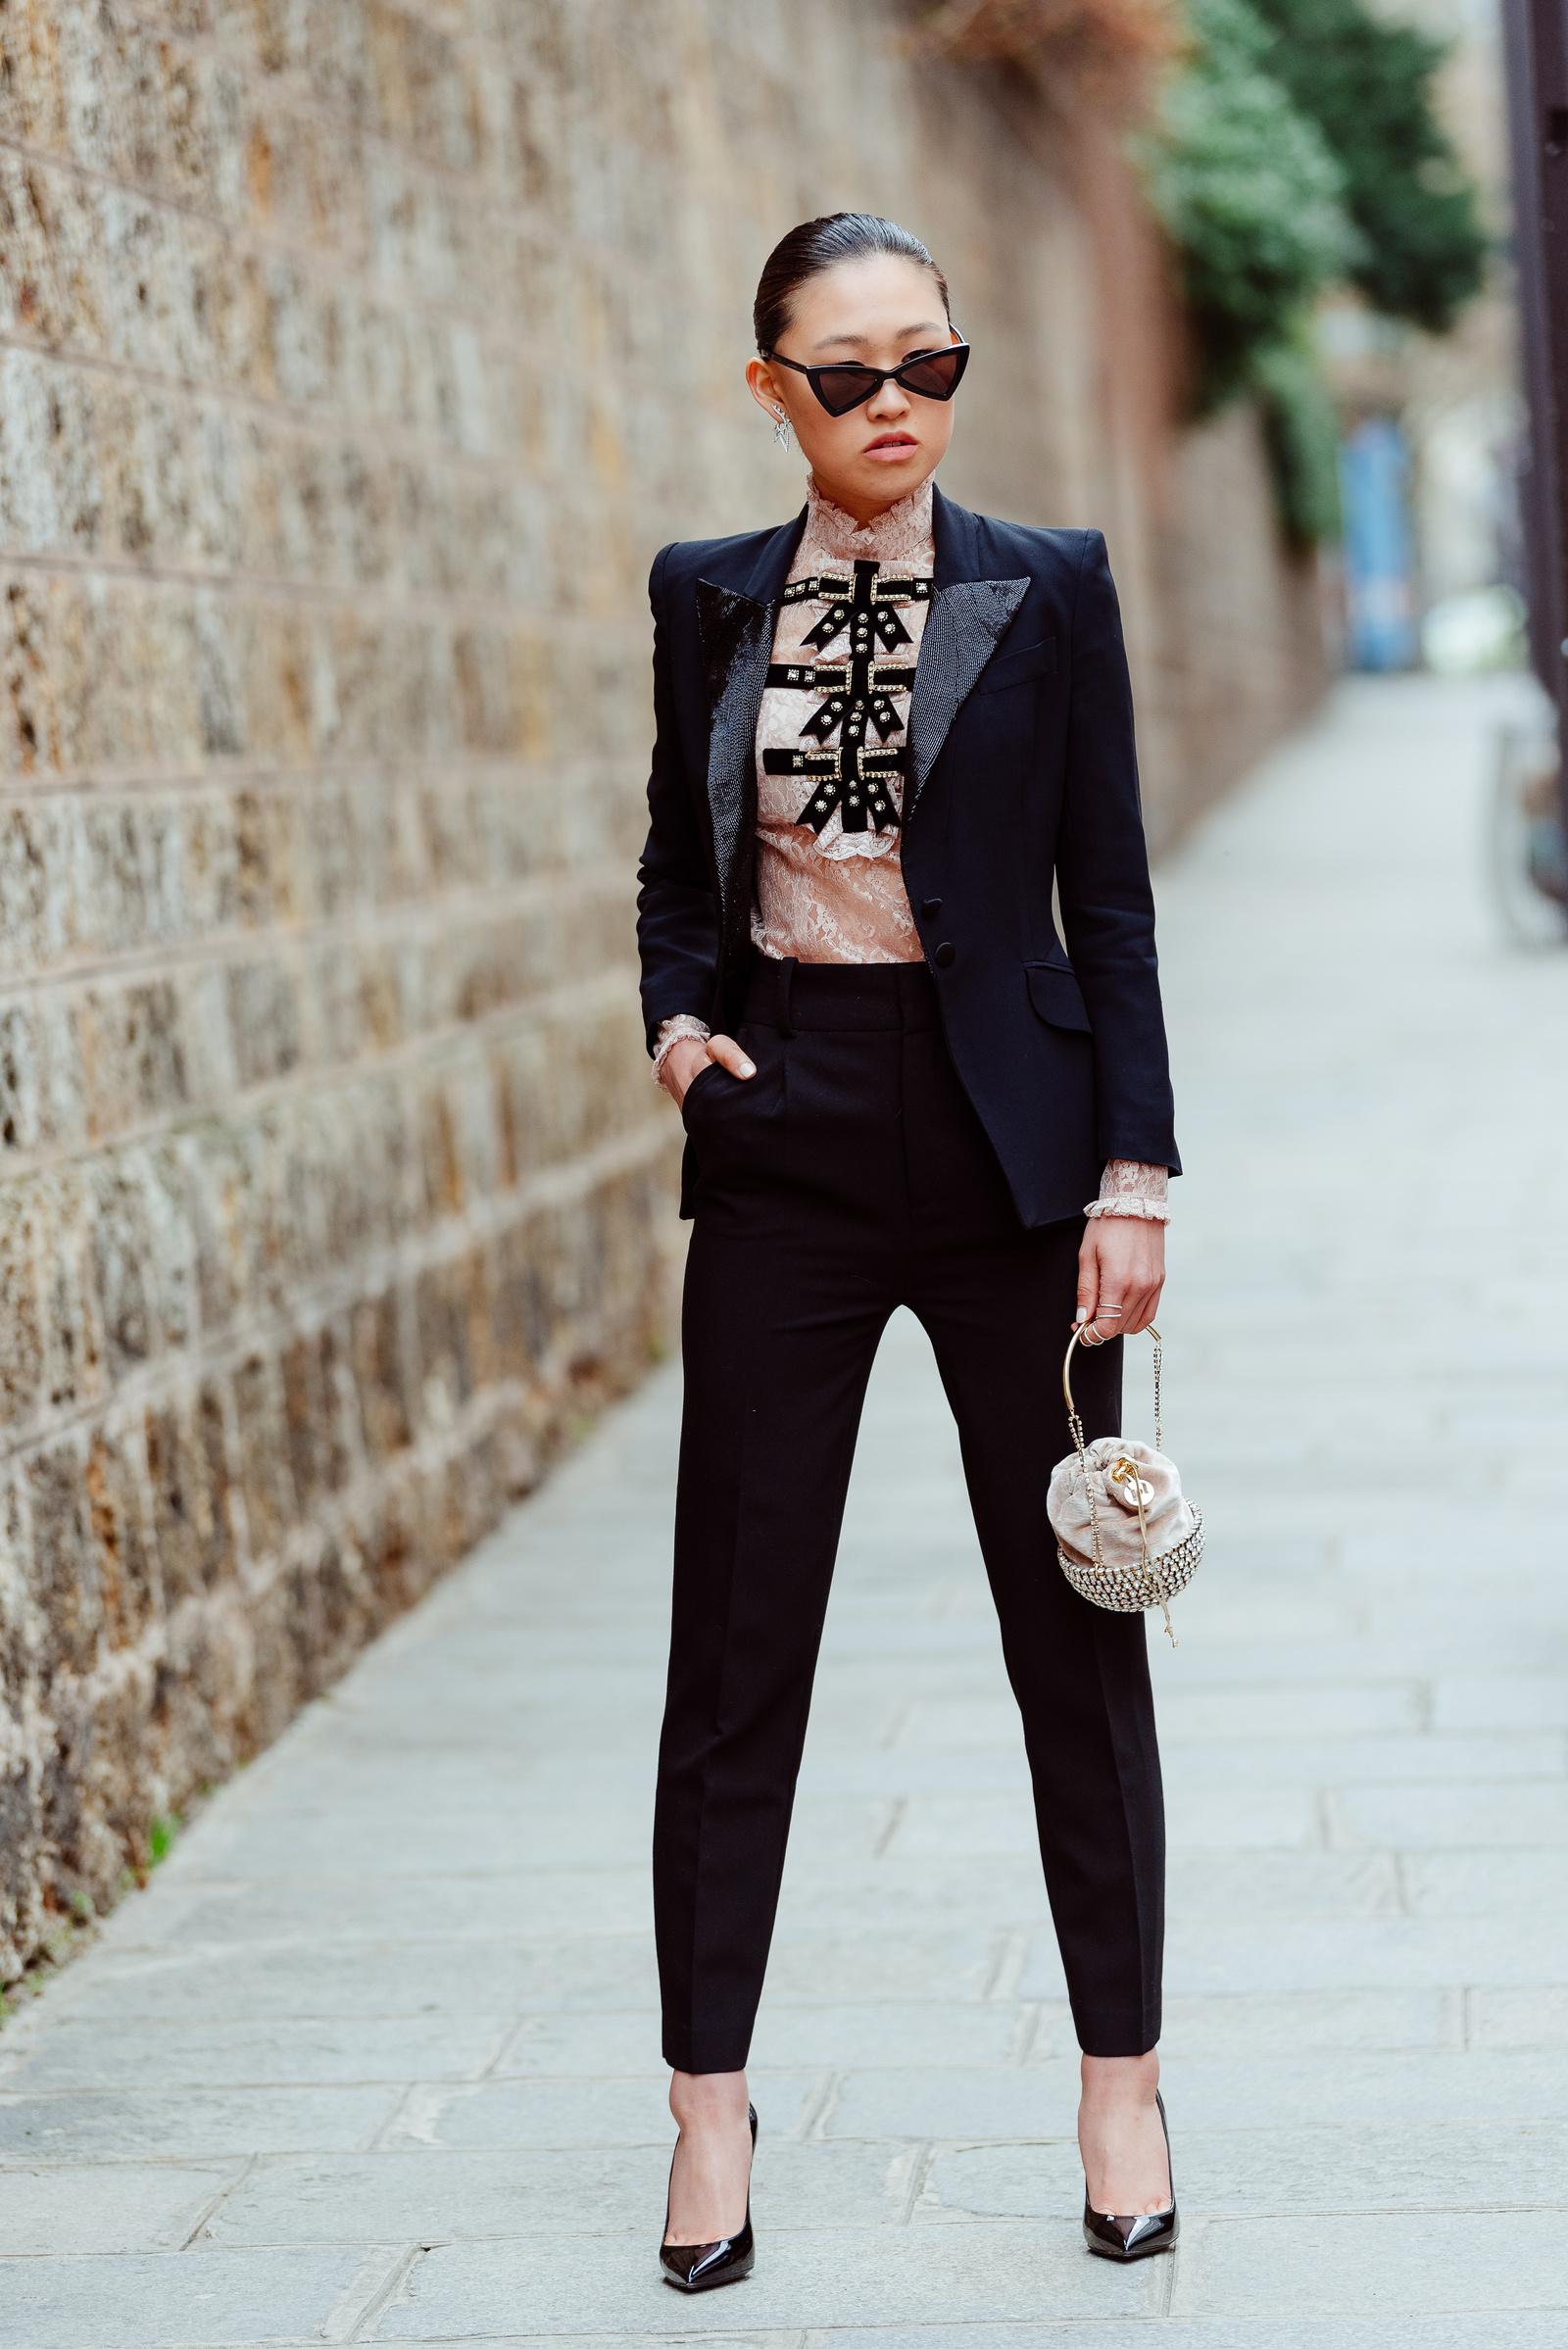 la-boite-d-allumettes-jaime-xie-fashion-influencer-haute-couture-elie-saab